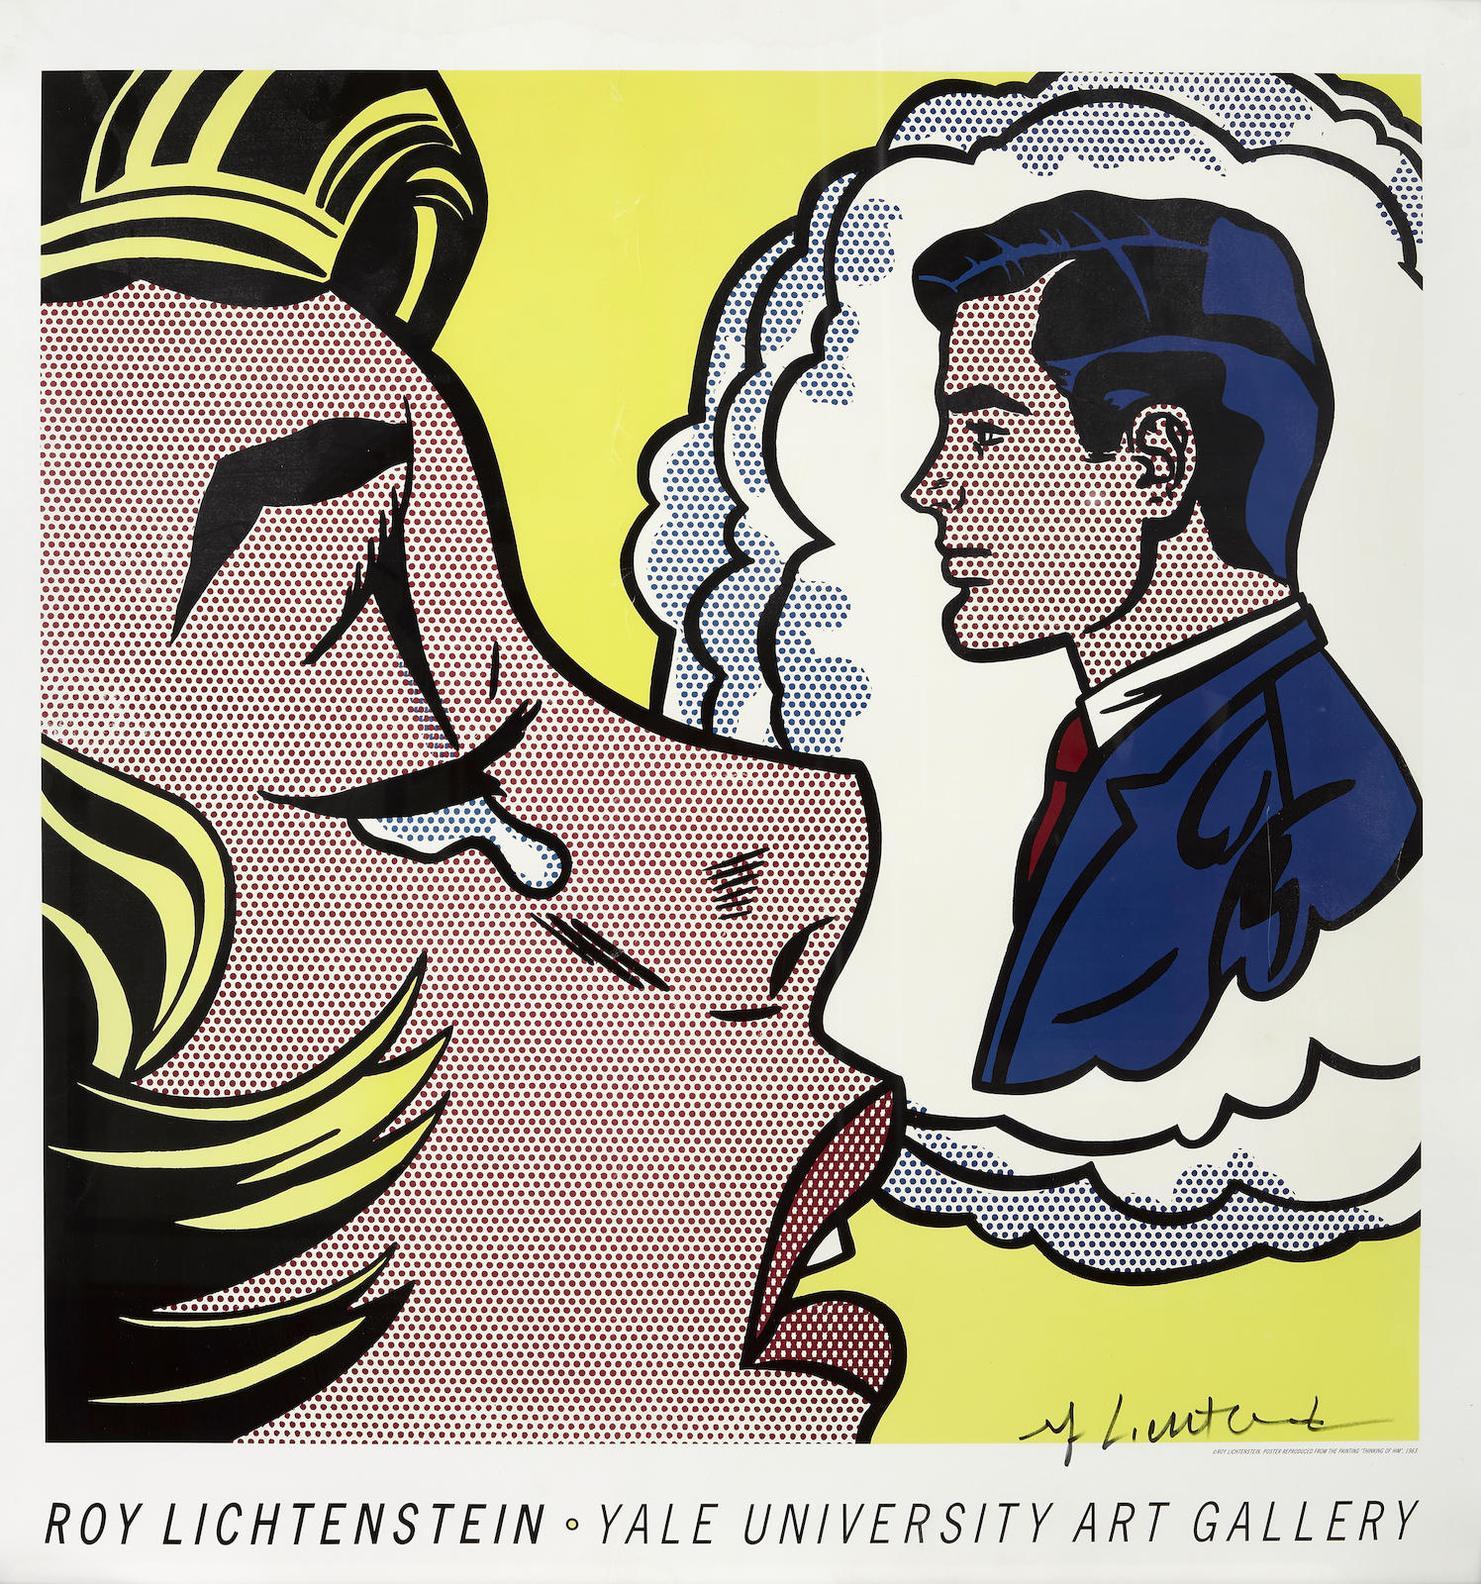 After Roy Lichtenstein - Thinking Of Him (Yale University Art Museum)-1991